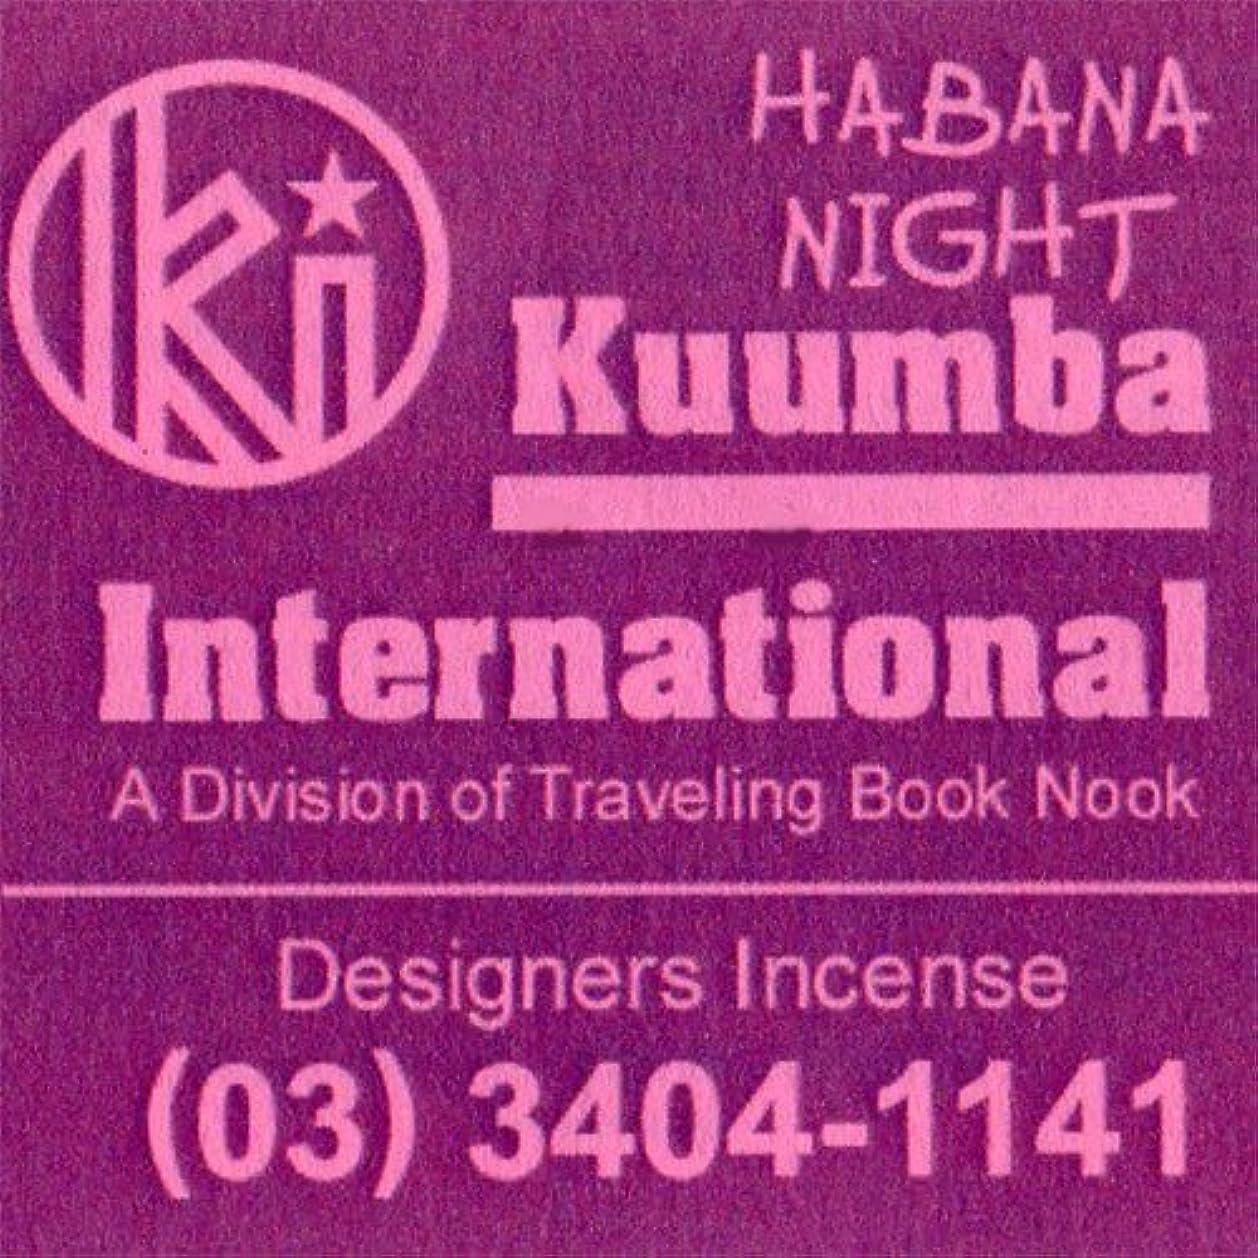 乗ってオートマトン咽頭KUUMBA/クンバ『incense』(HABANA NIGHT) (Regular size)